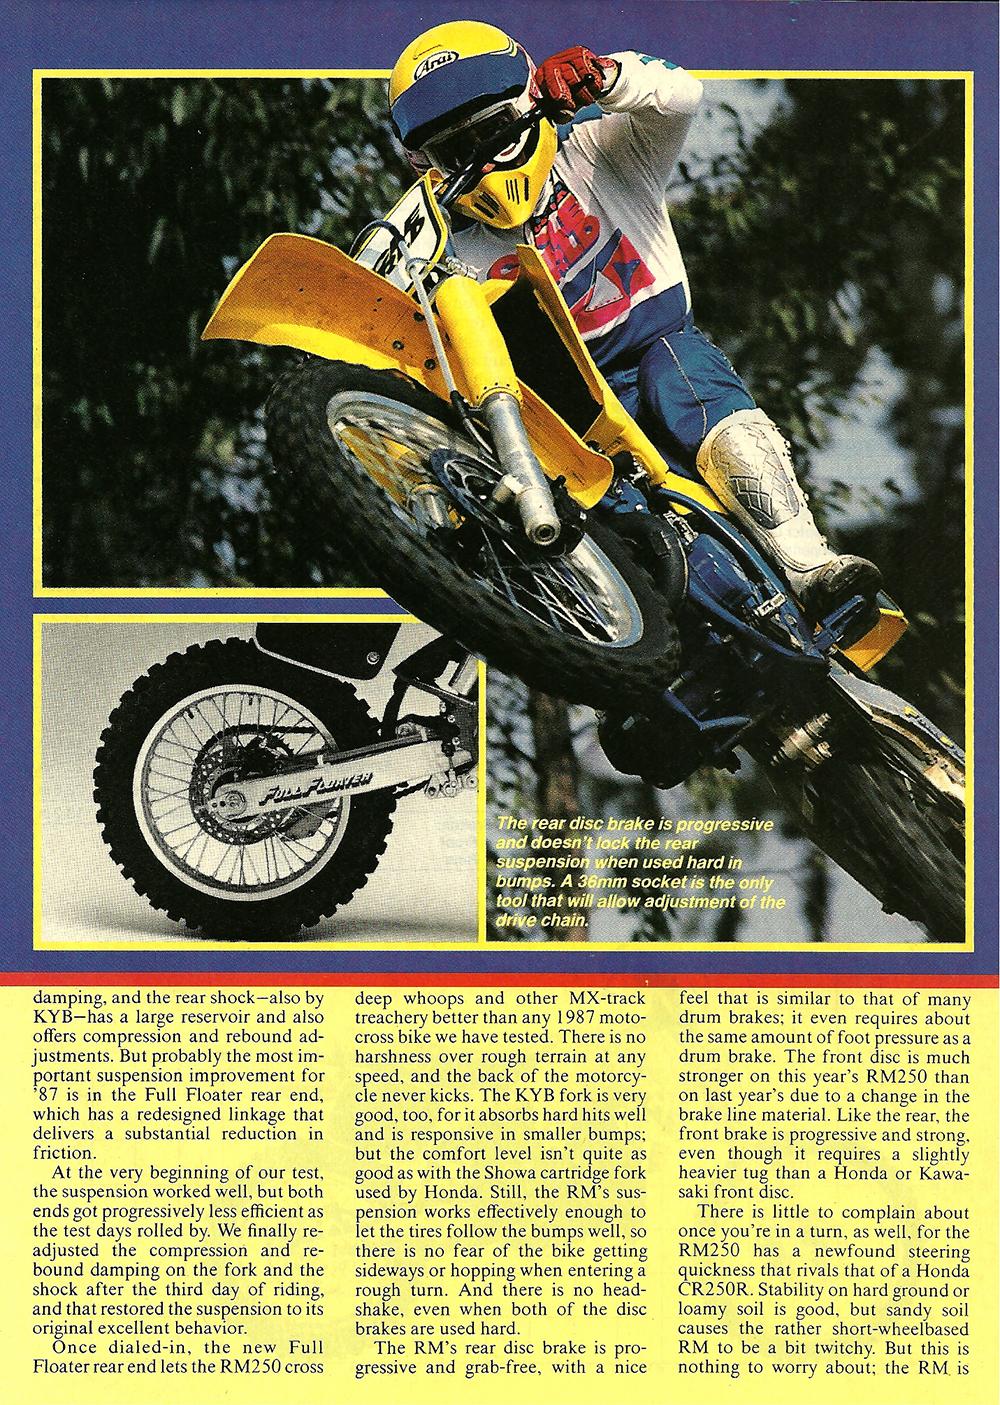 1987 Suzuki RM250 road test 04.jpg